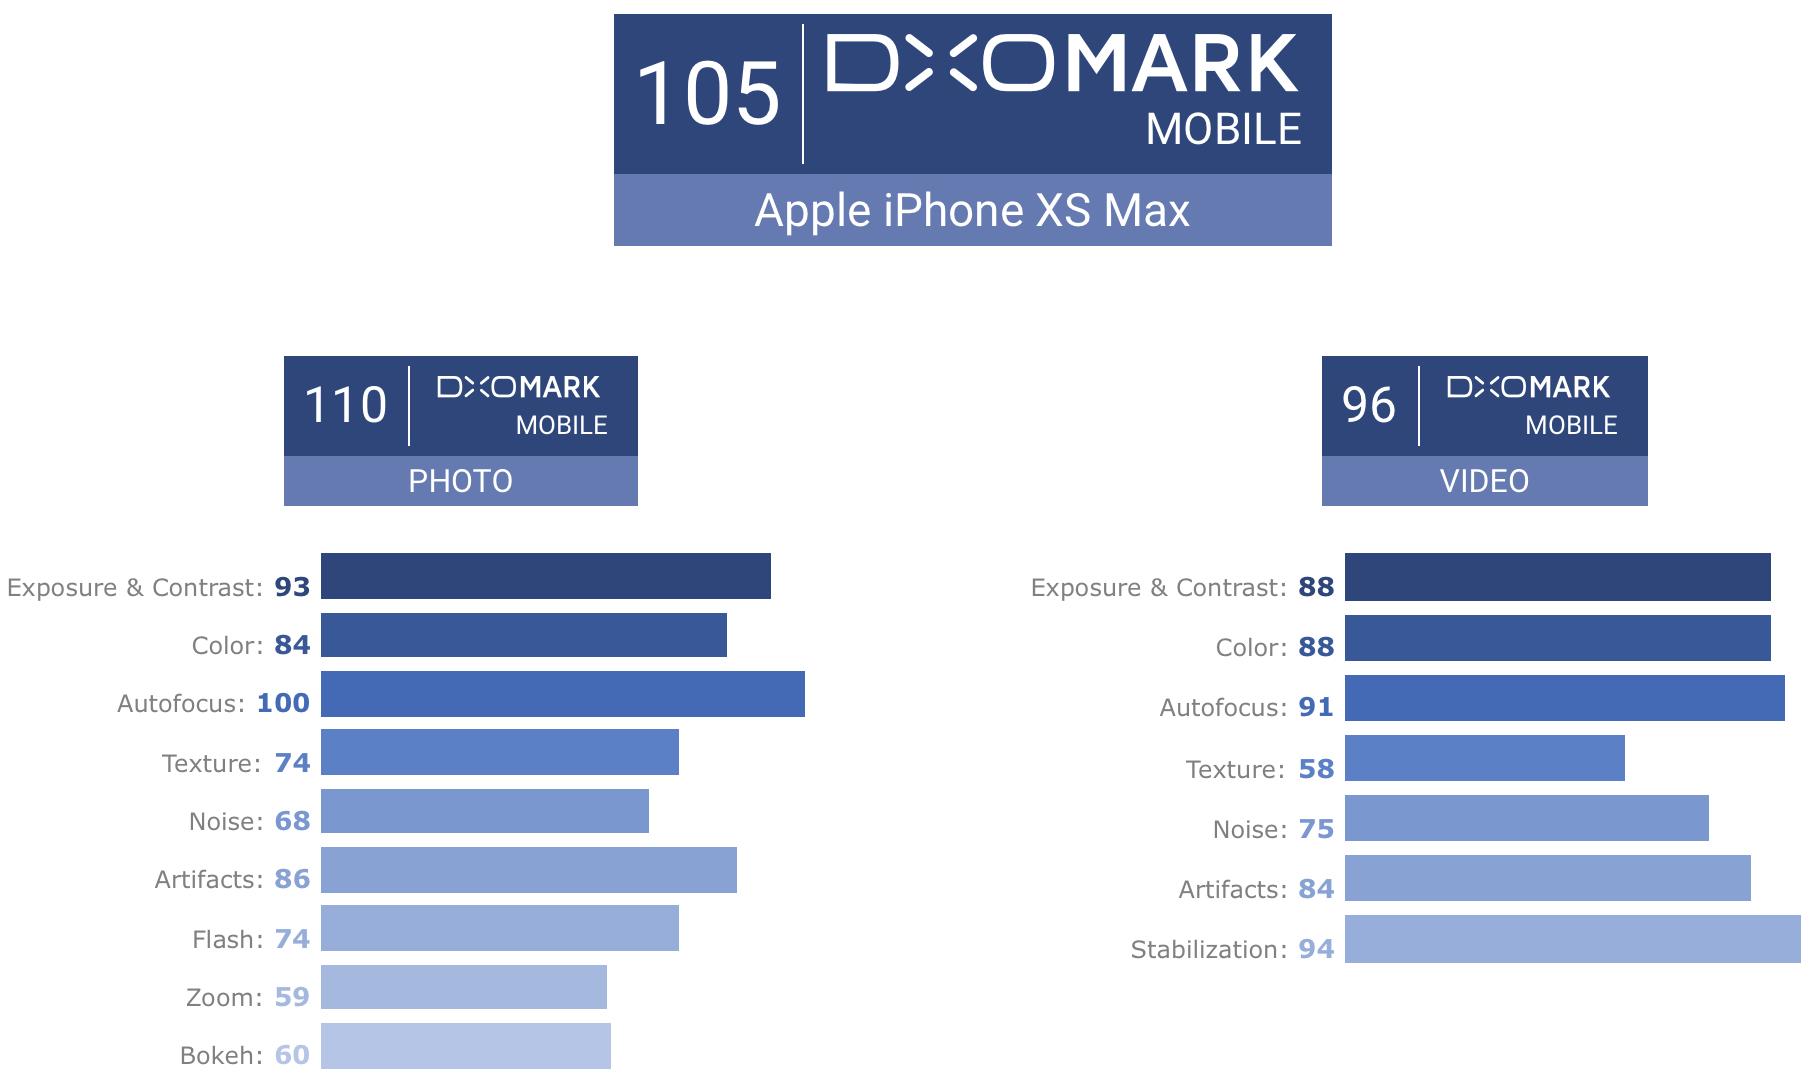 Puntuación de DXOMark para el iPhone XS